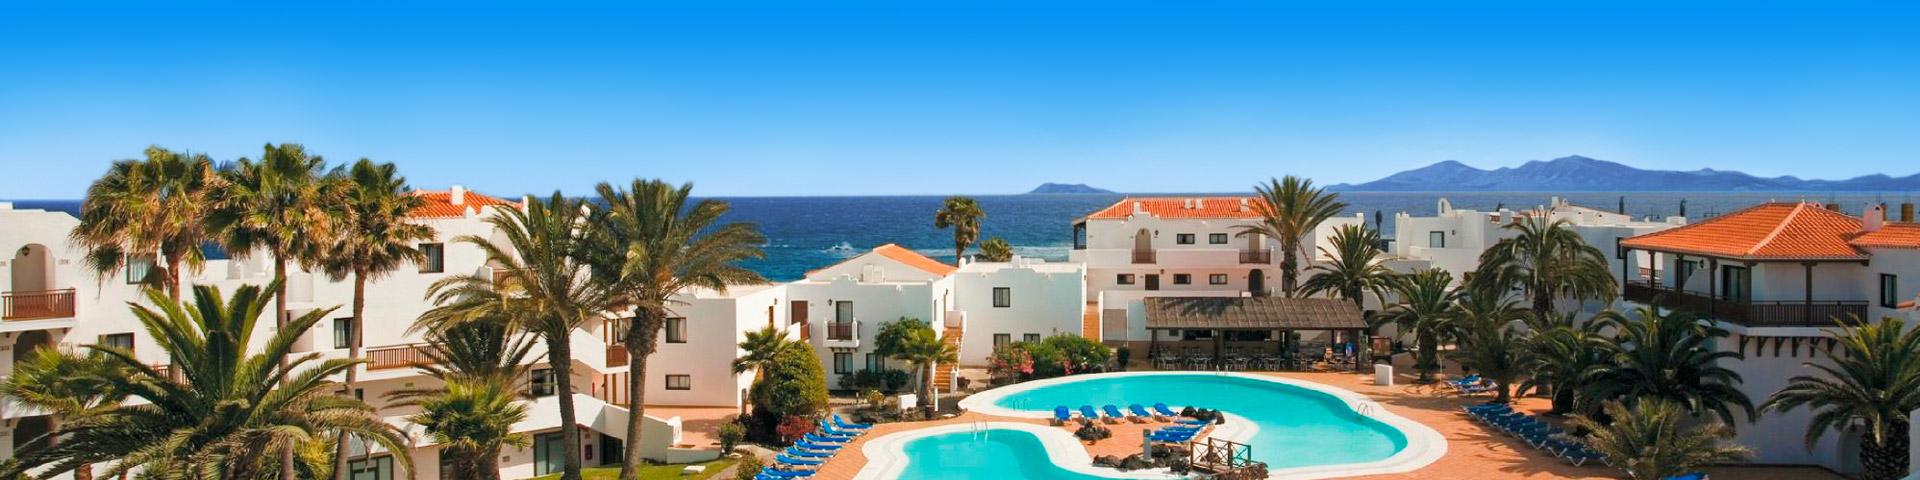 Hotel met witte kamers en oranje daken met 2 zwembaden en zee op de achtergrond